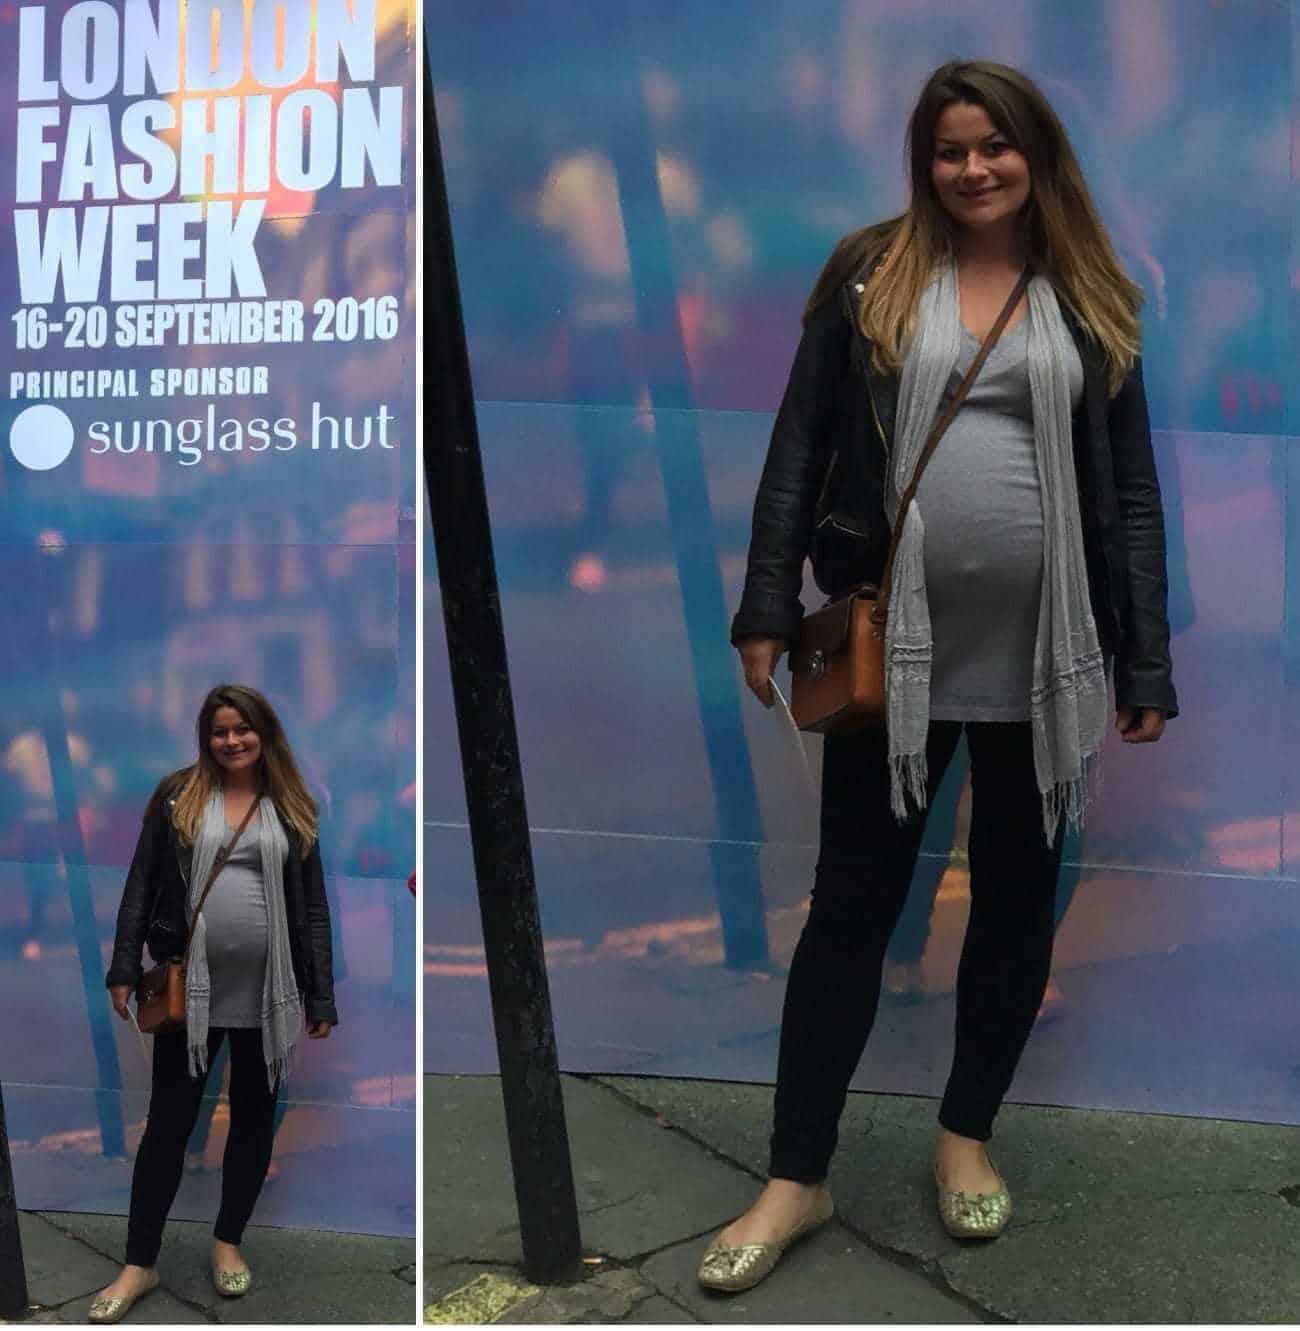 London Fashion Week SS17, Emily Seares, 3